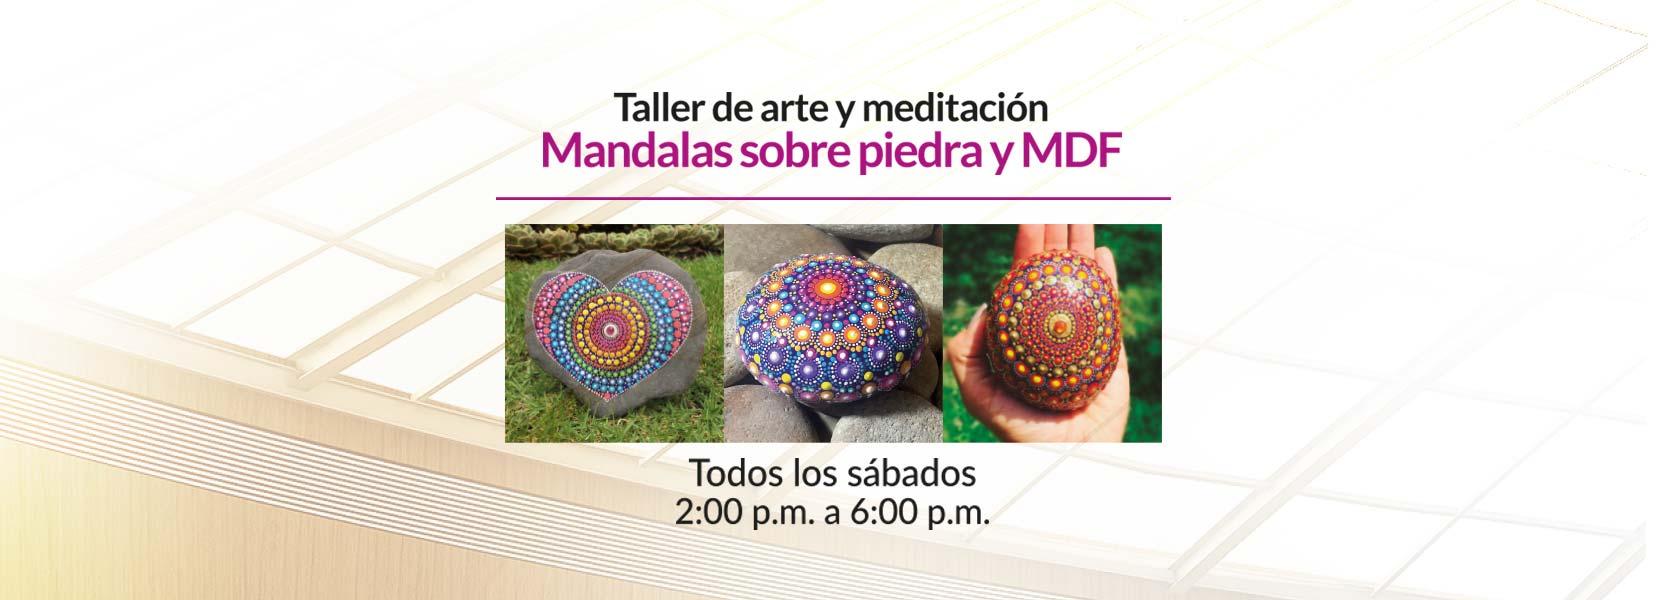 _Mandalas